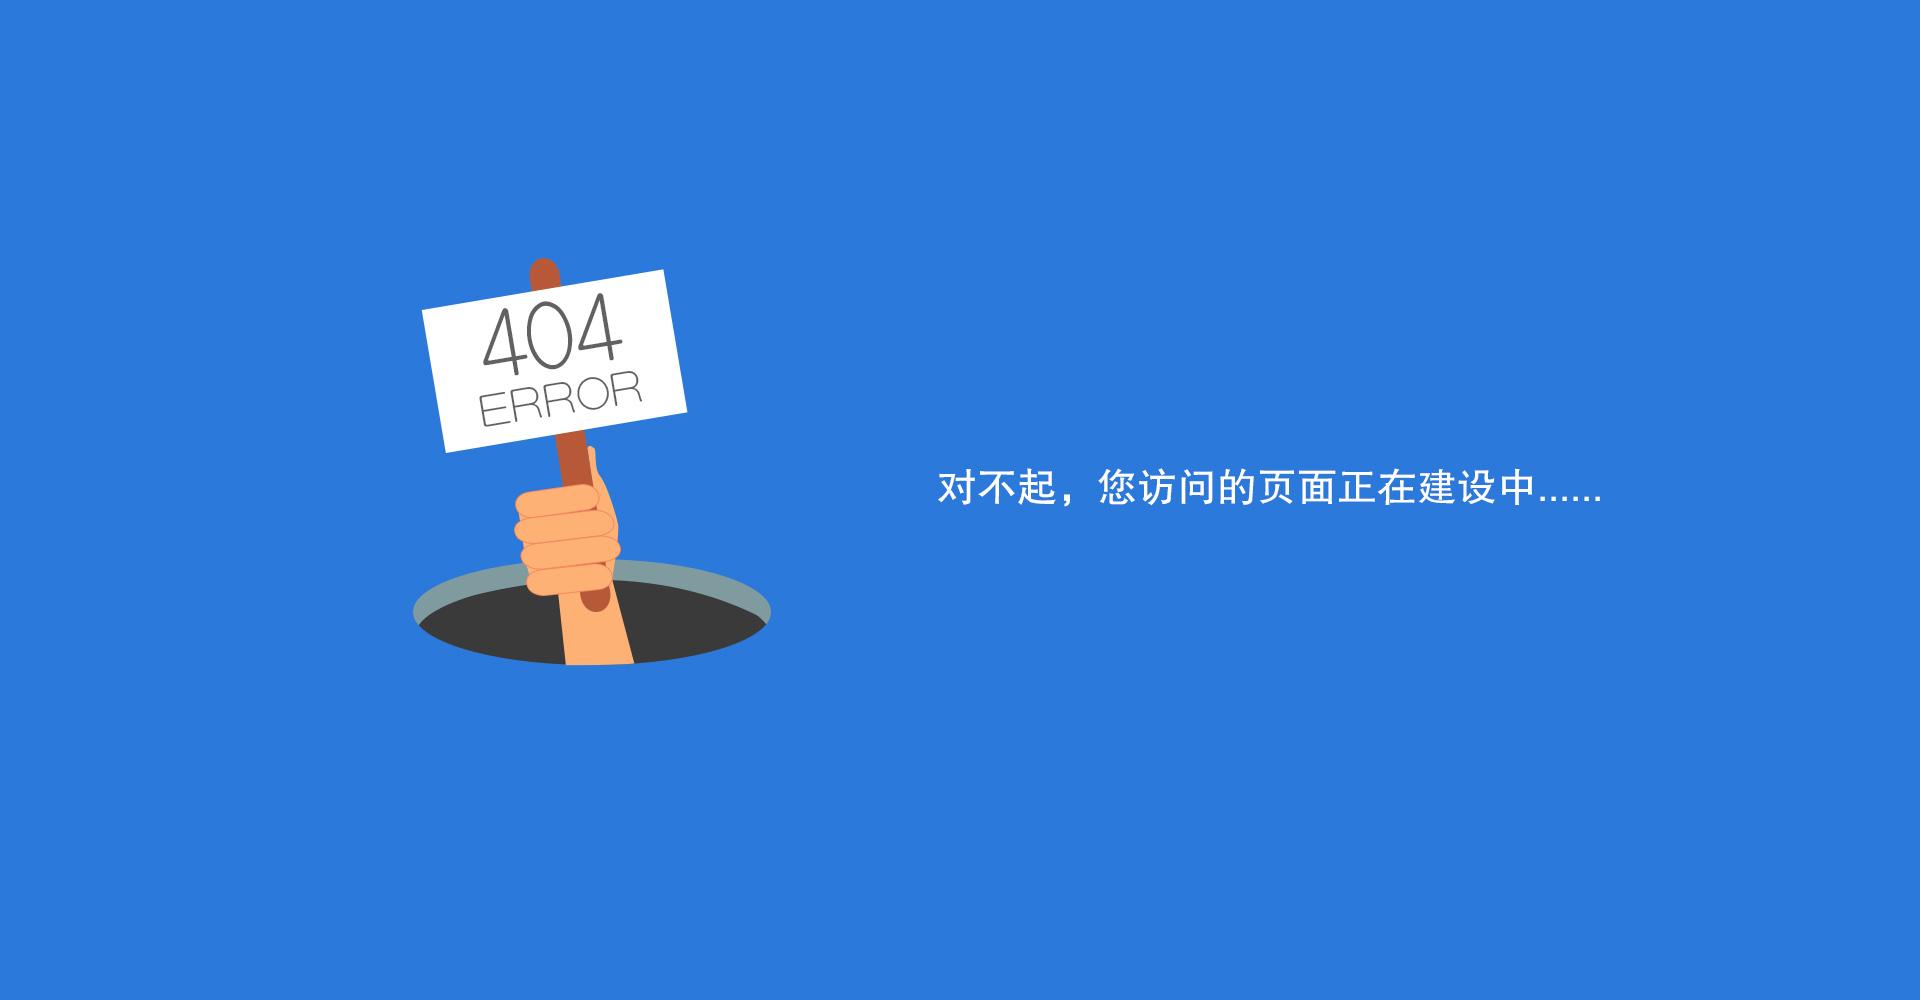 中文建设页面